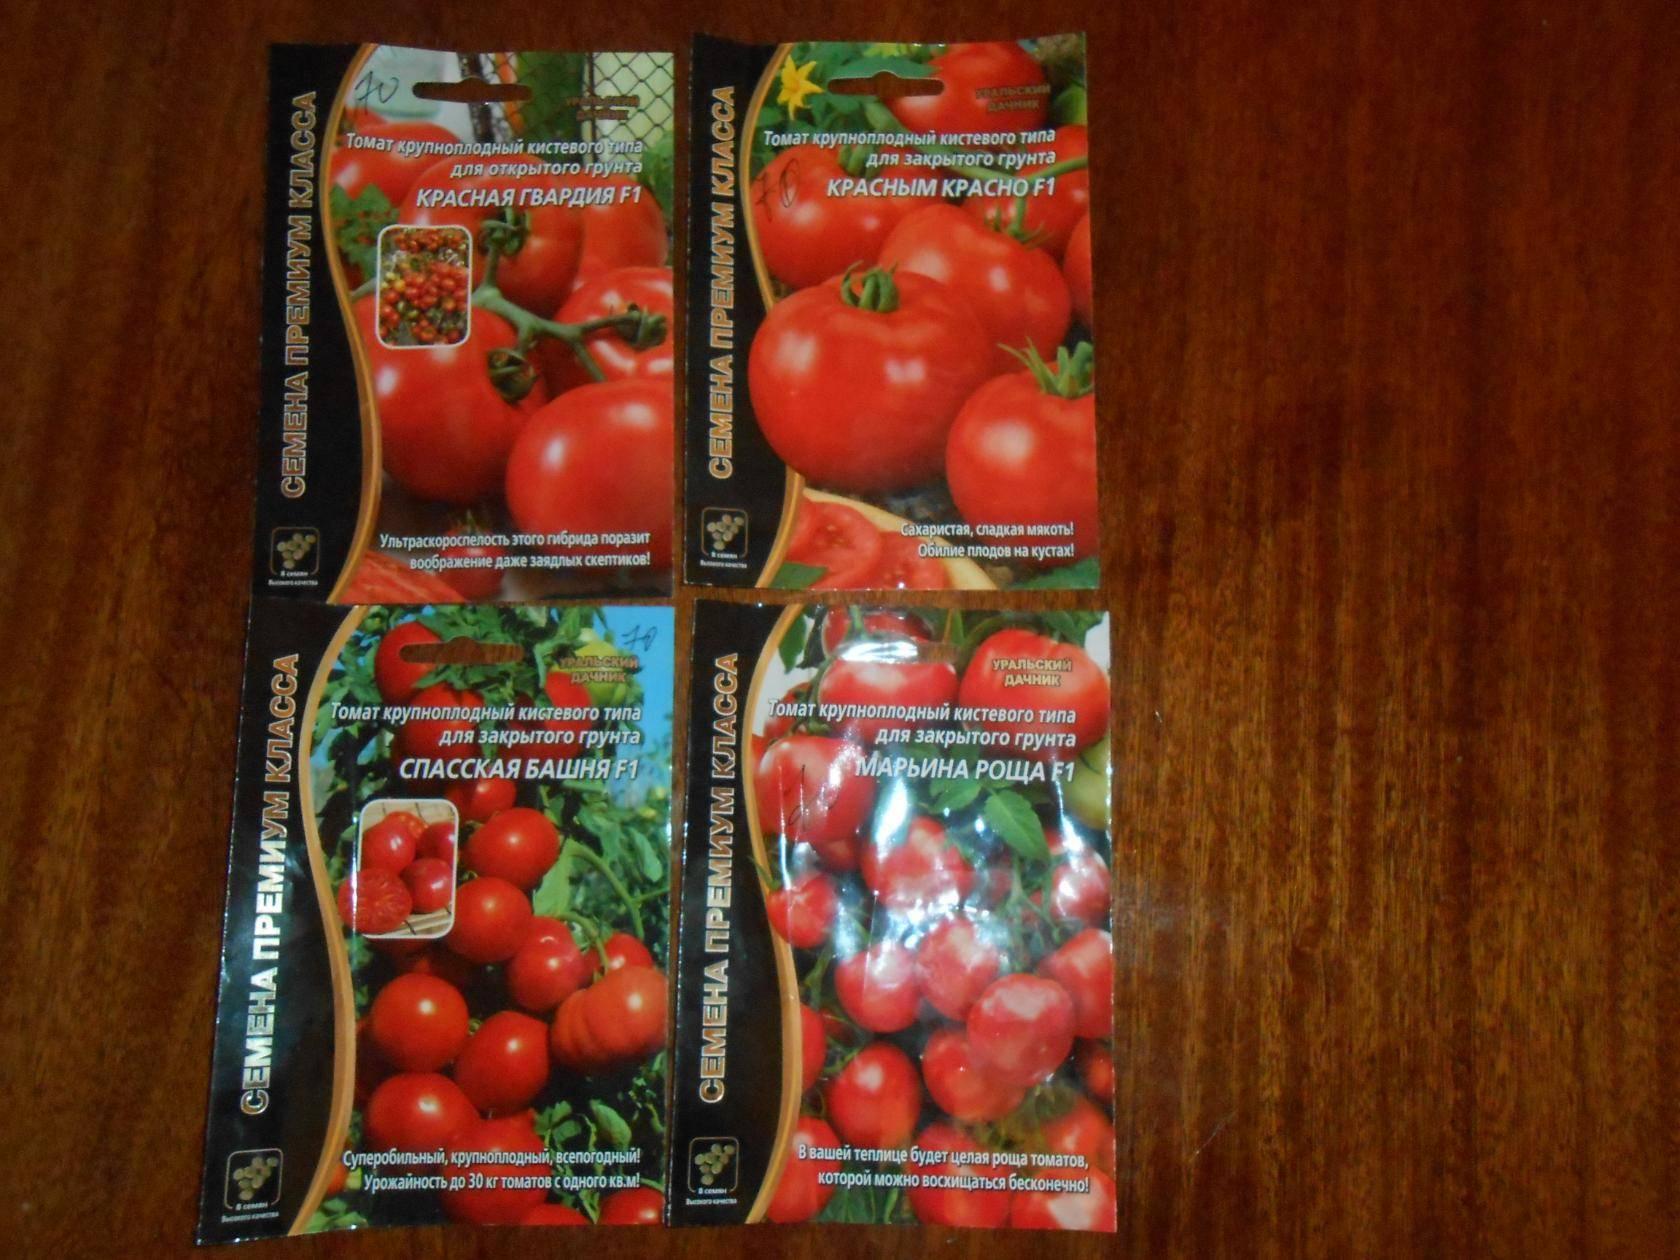 Описание и выращивание гибридного сорта томатов красная гвардия f1